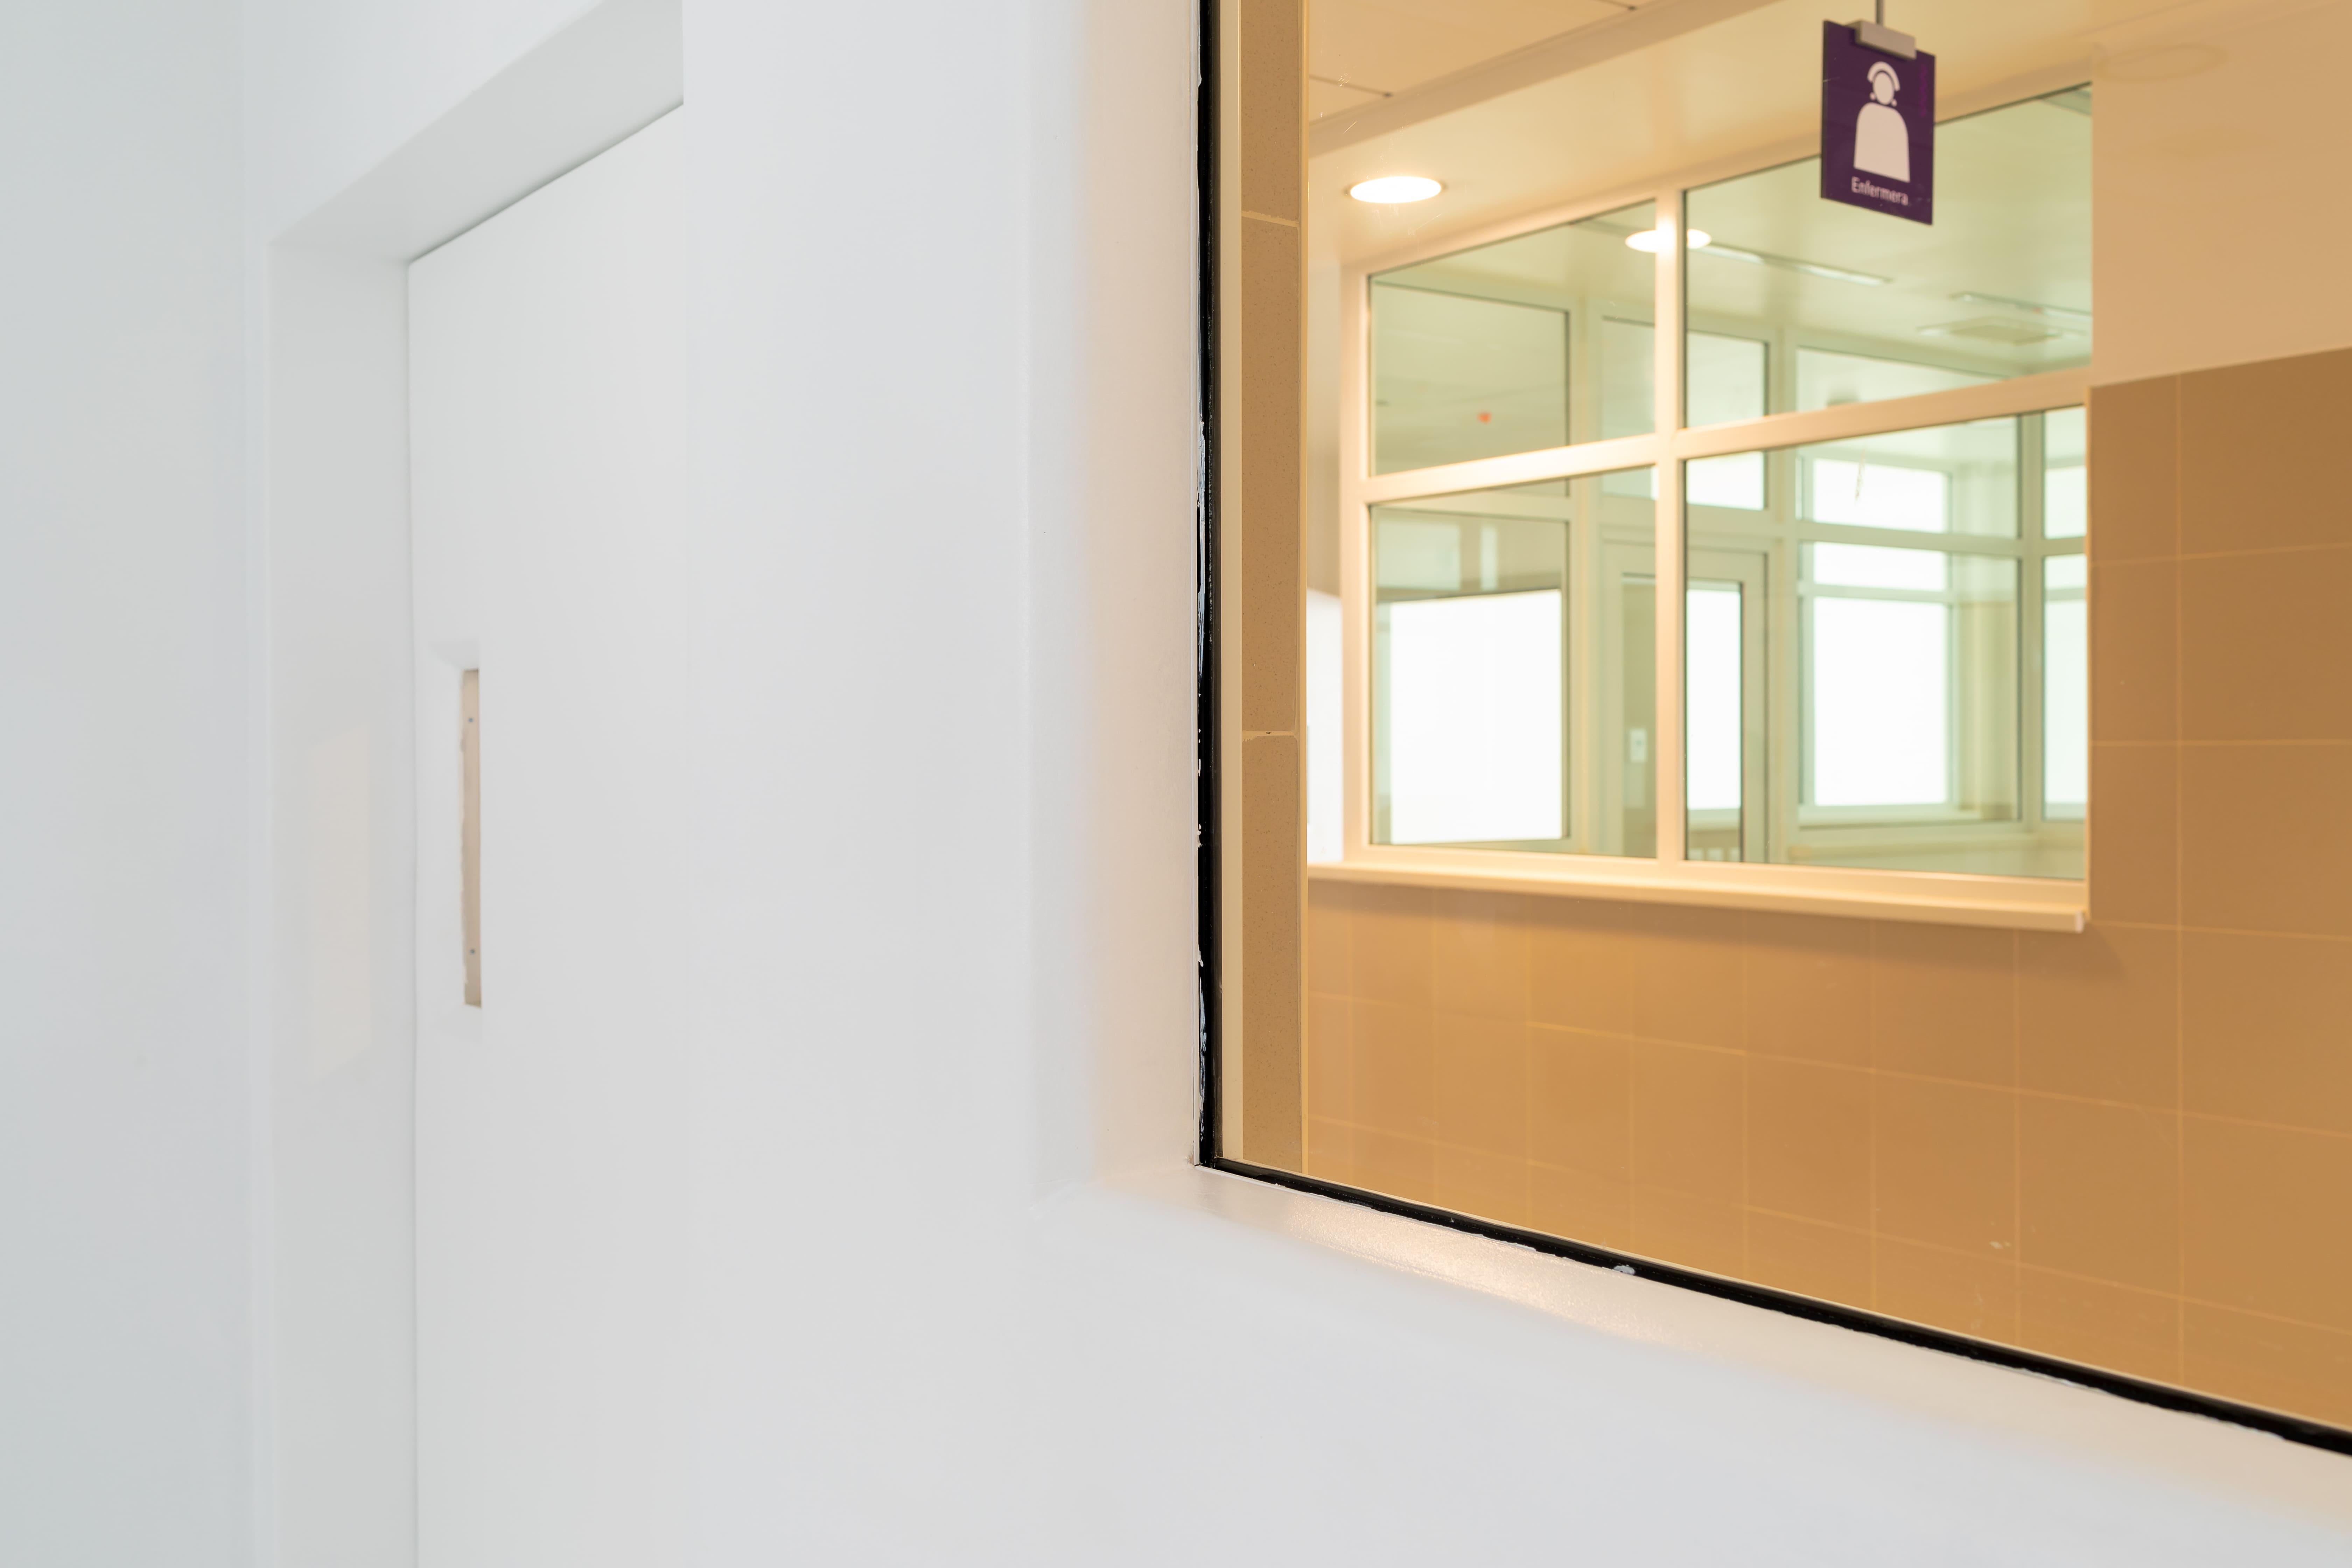 imagen 3 placa osb revestimiento seguridad sysprotec